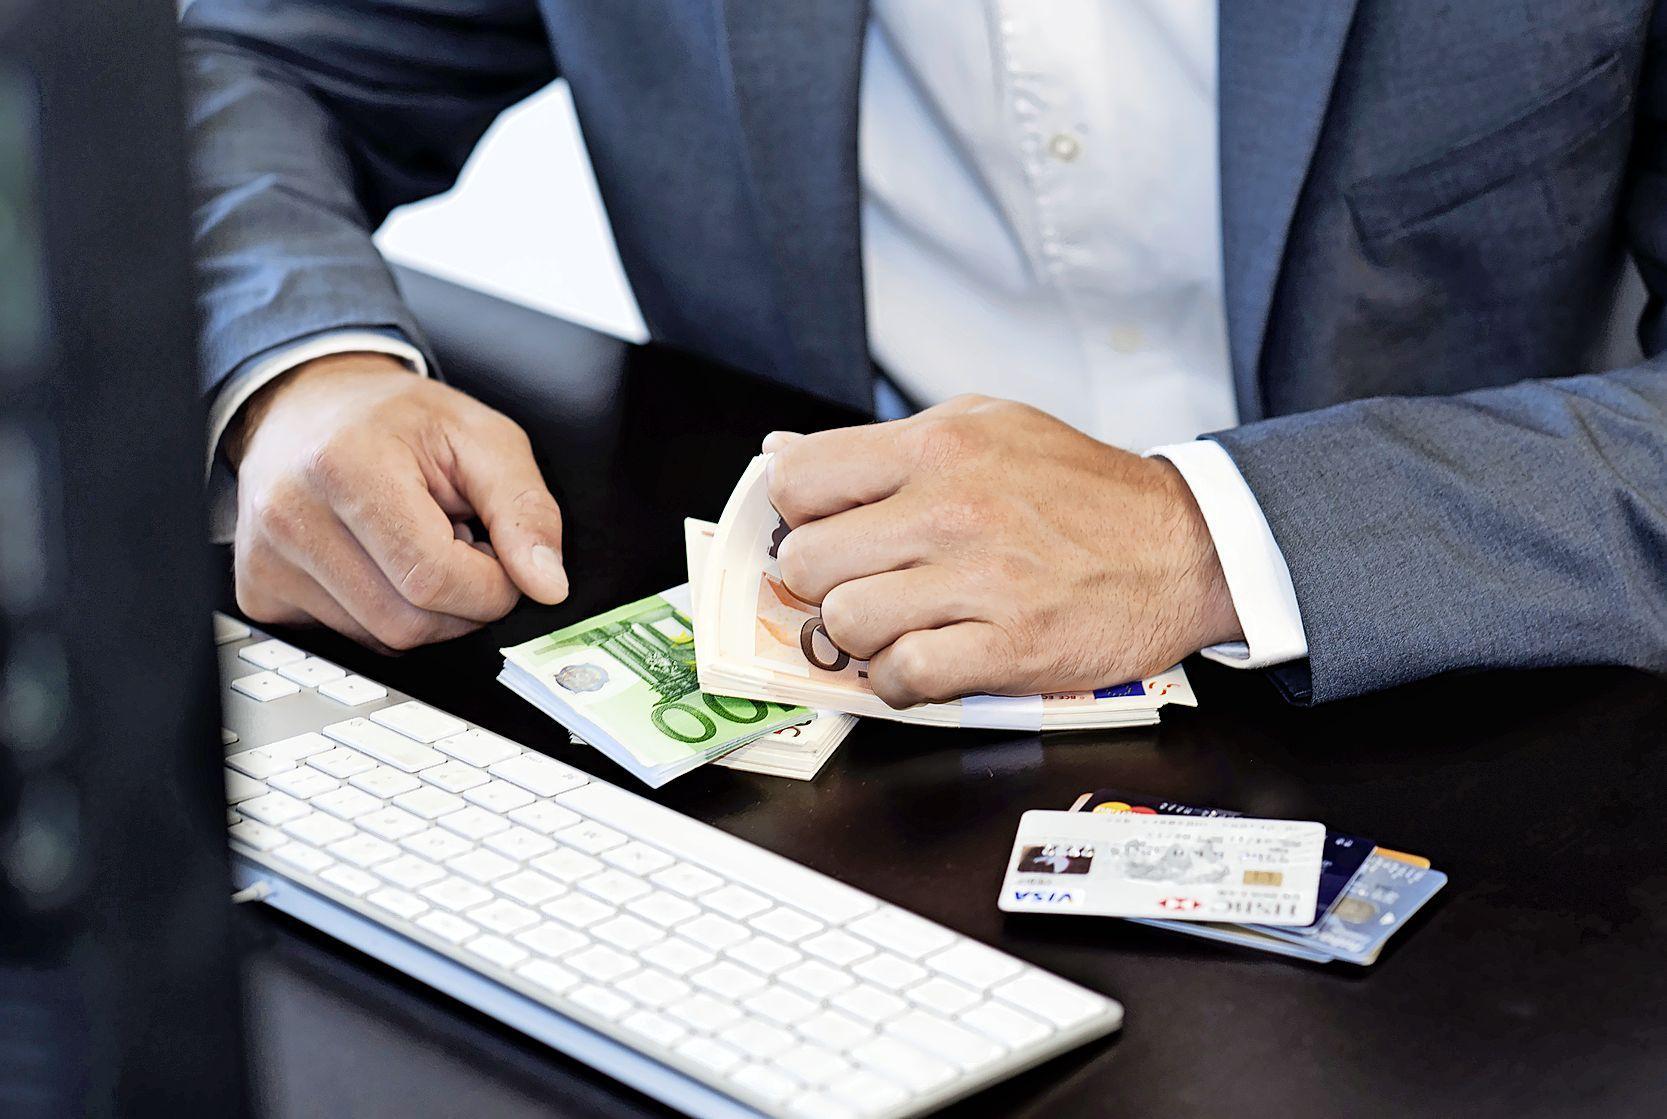 Mannen in Heerhugowaard en Sneek aangehouden voor belastingfraude: voor 200.000 euro fiscus opgelicht